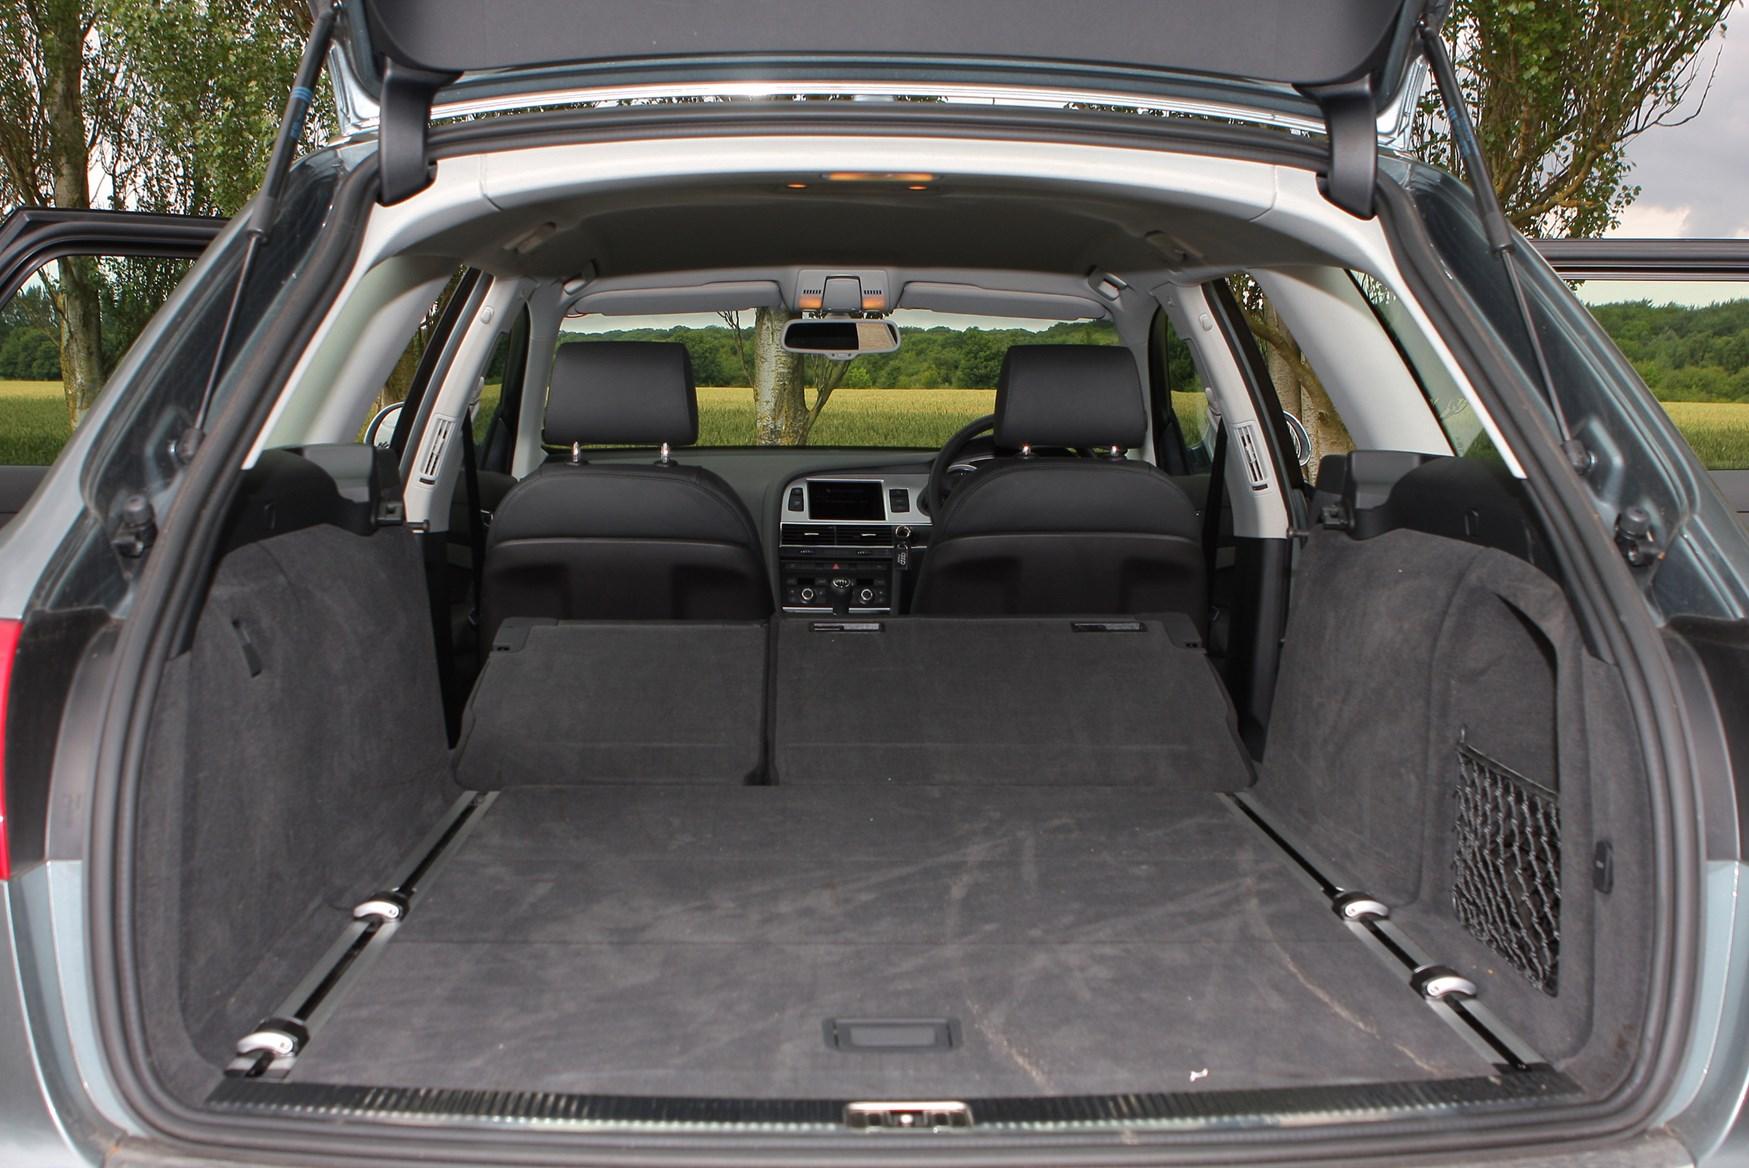 Audi A6 Avant Review 2005 2011 Parkers